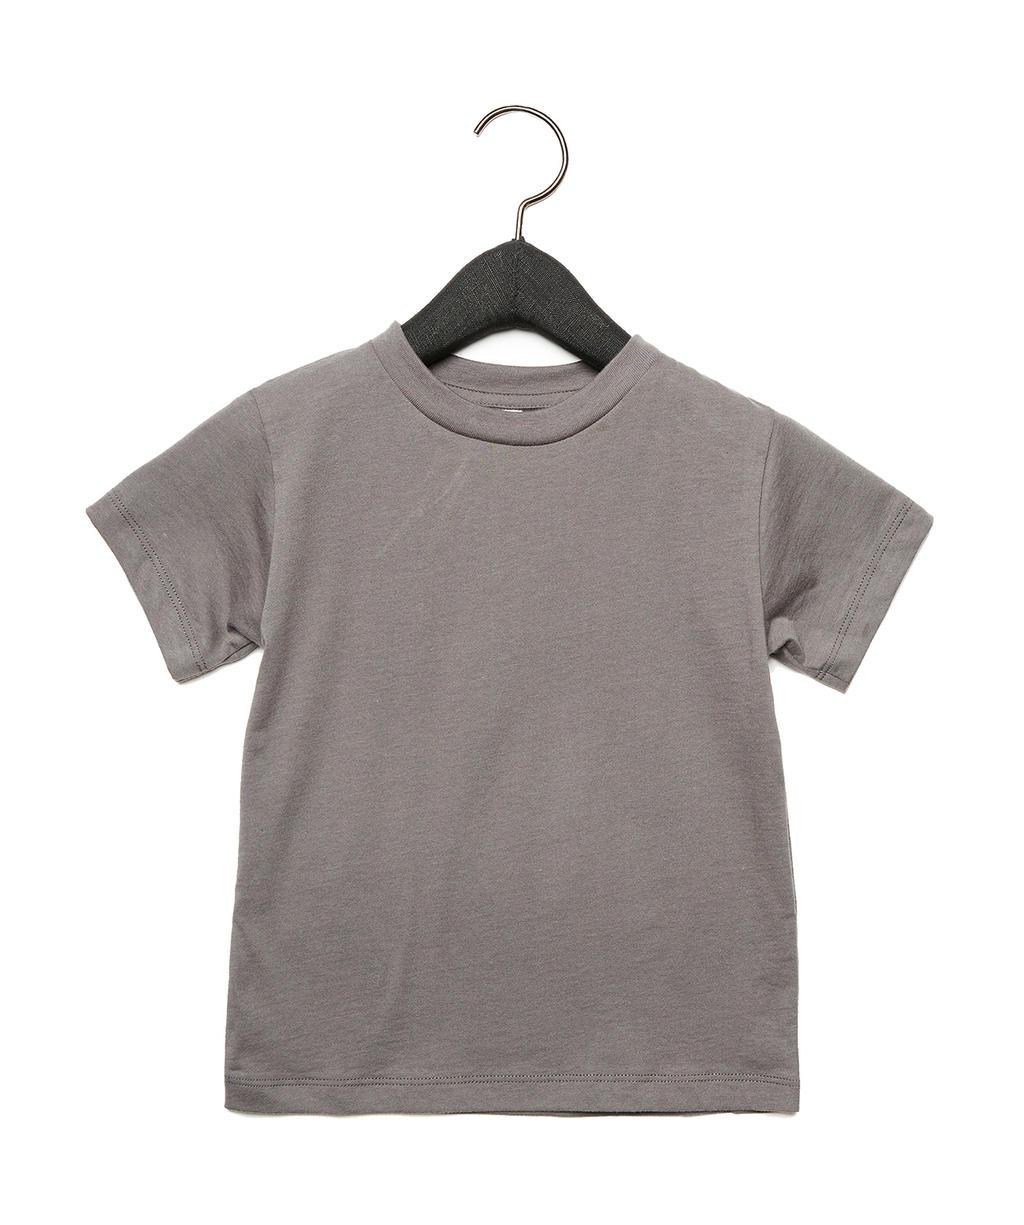 Toddler Jersey triko s krátkým rukávem - zvìtšit obrázek